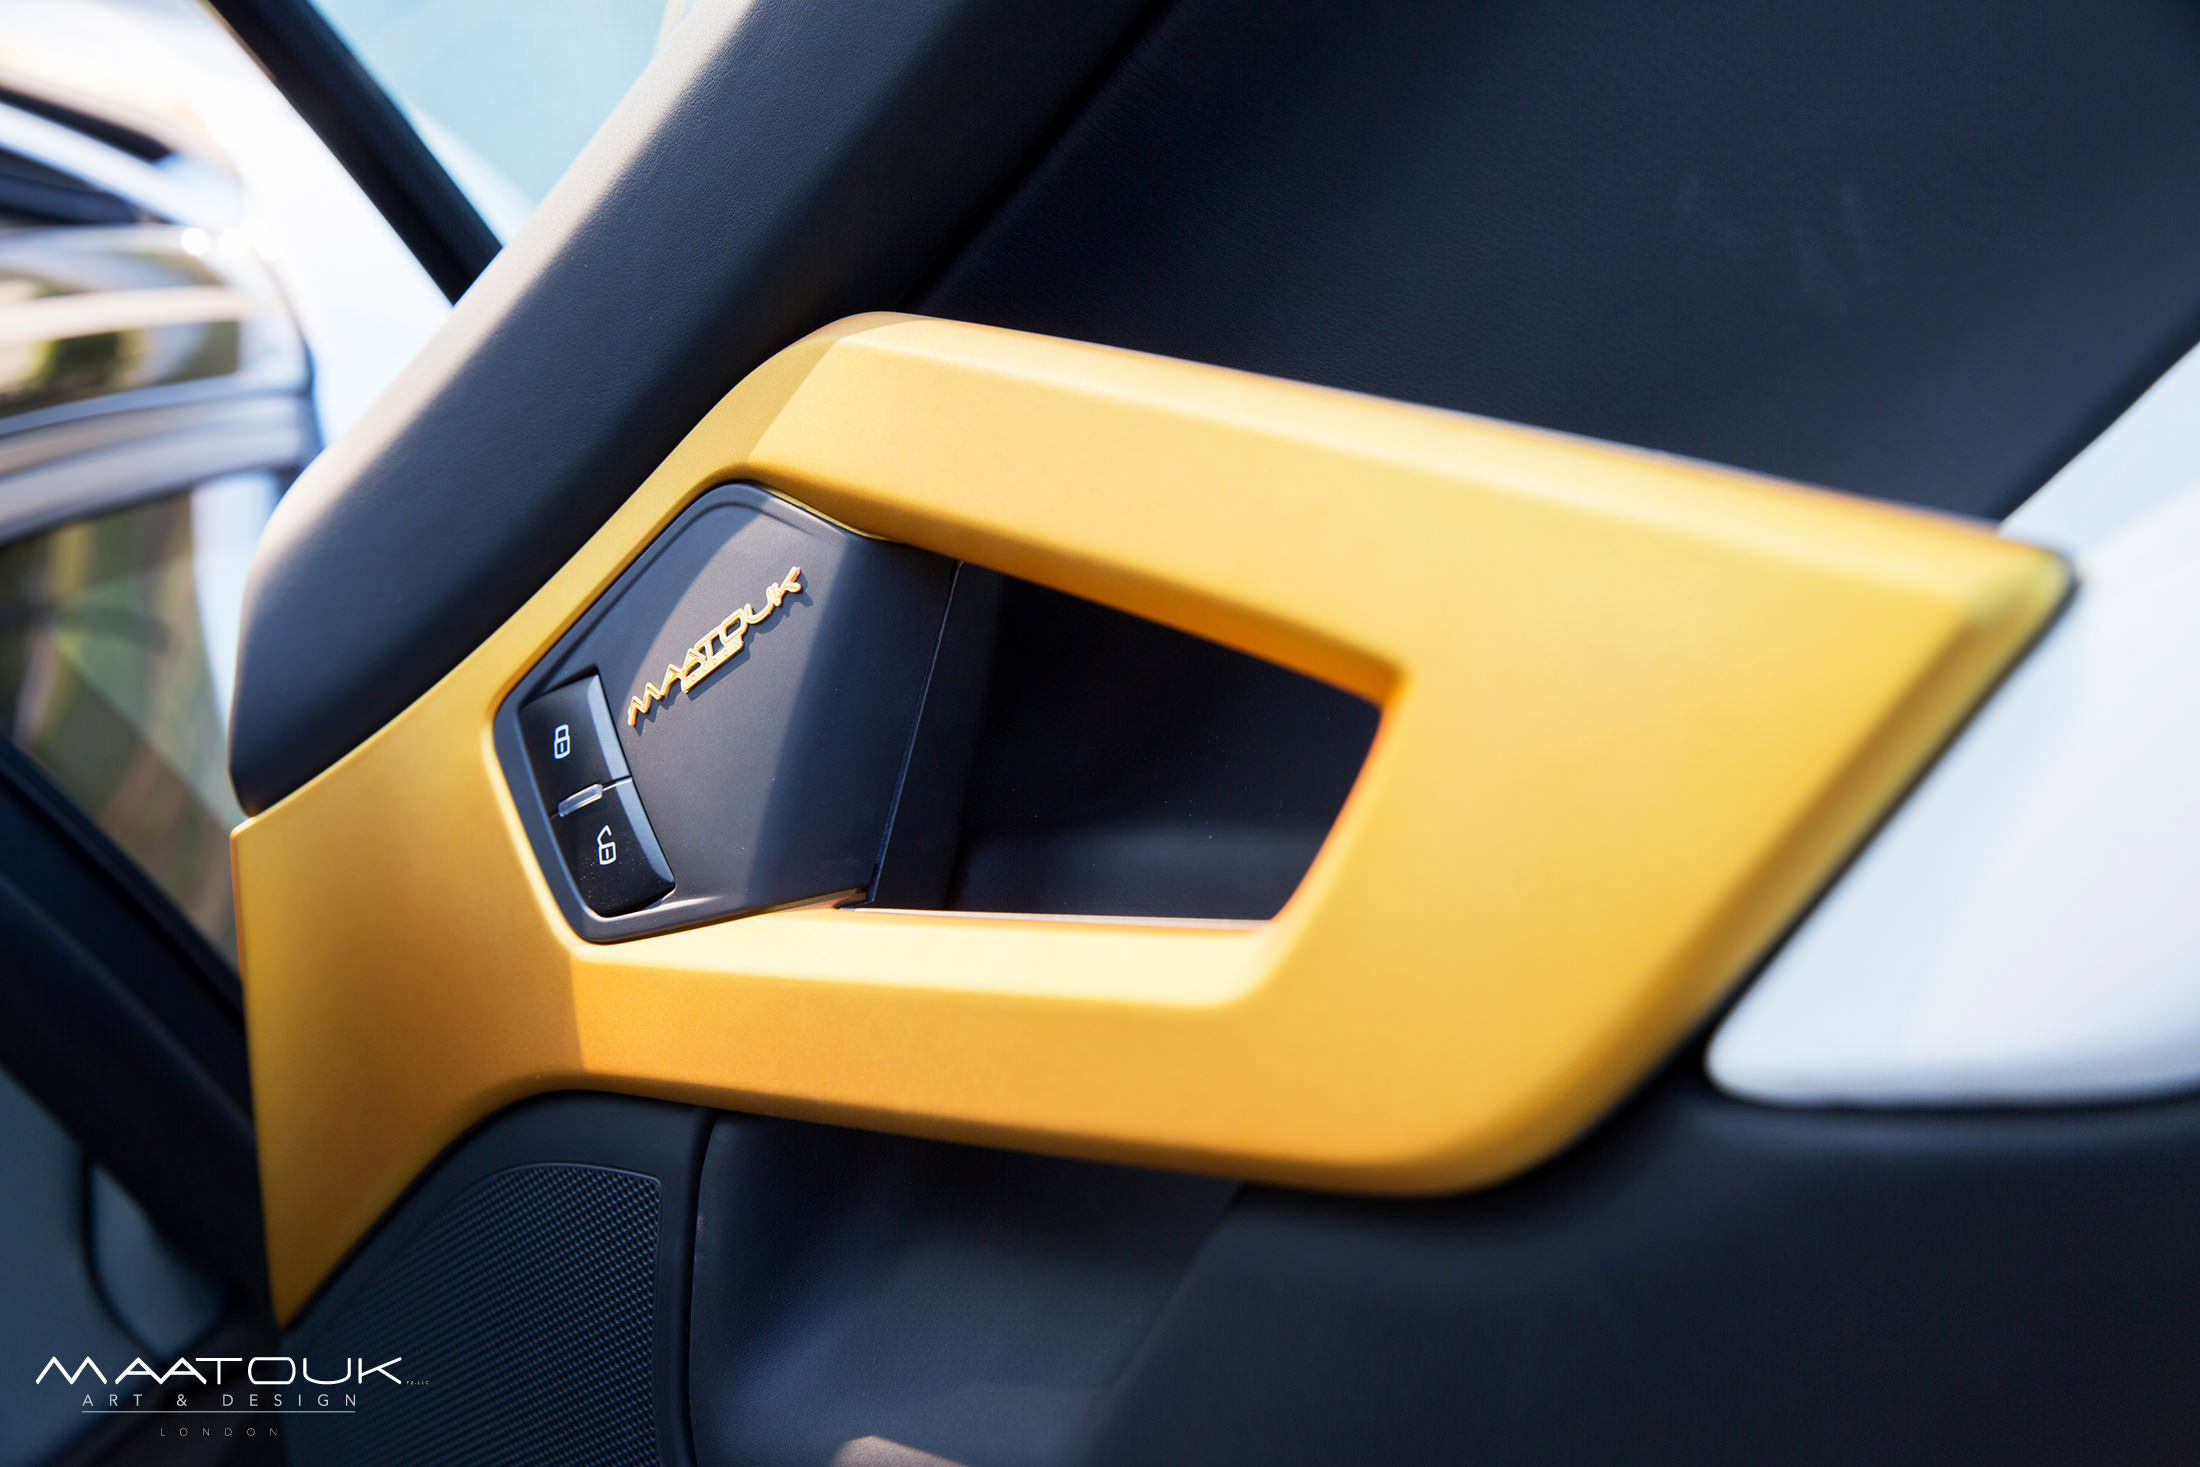 Lamborghini Aventador Roadster Golden Limited Edition Встретиться Ламборгини Авентадор родстер Золотой ограниченное издание [видео] - фотография №14